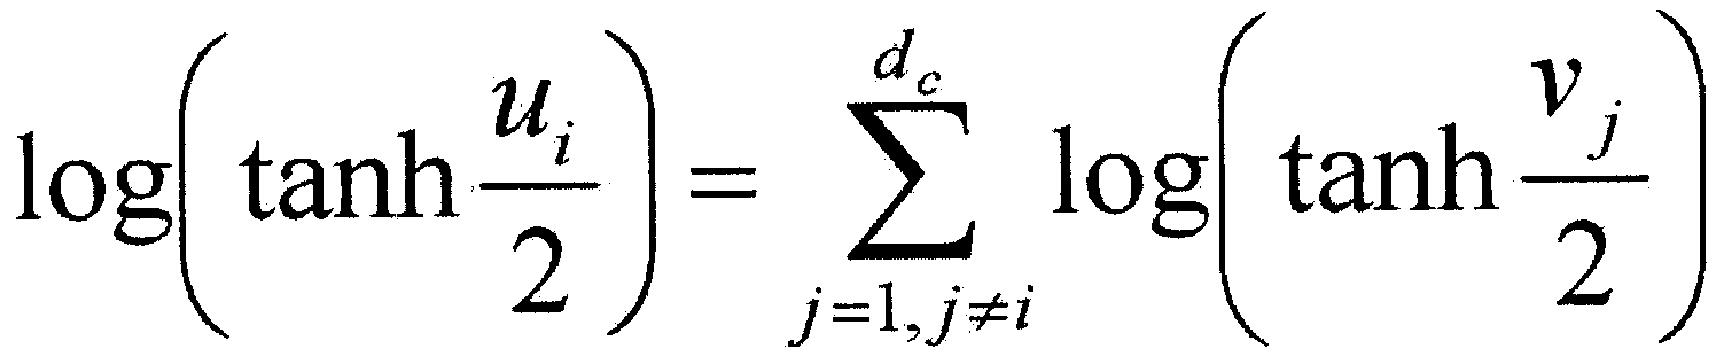 Figure imgf000004_0003